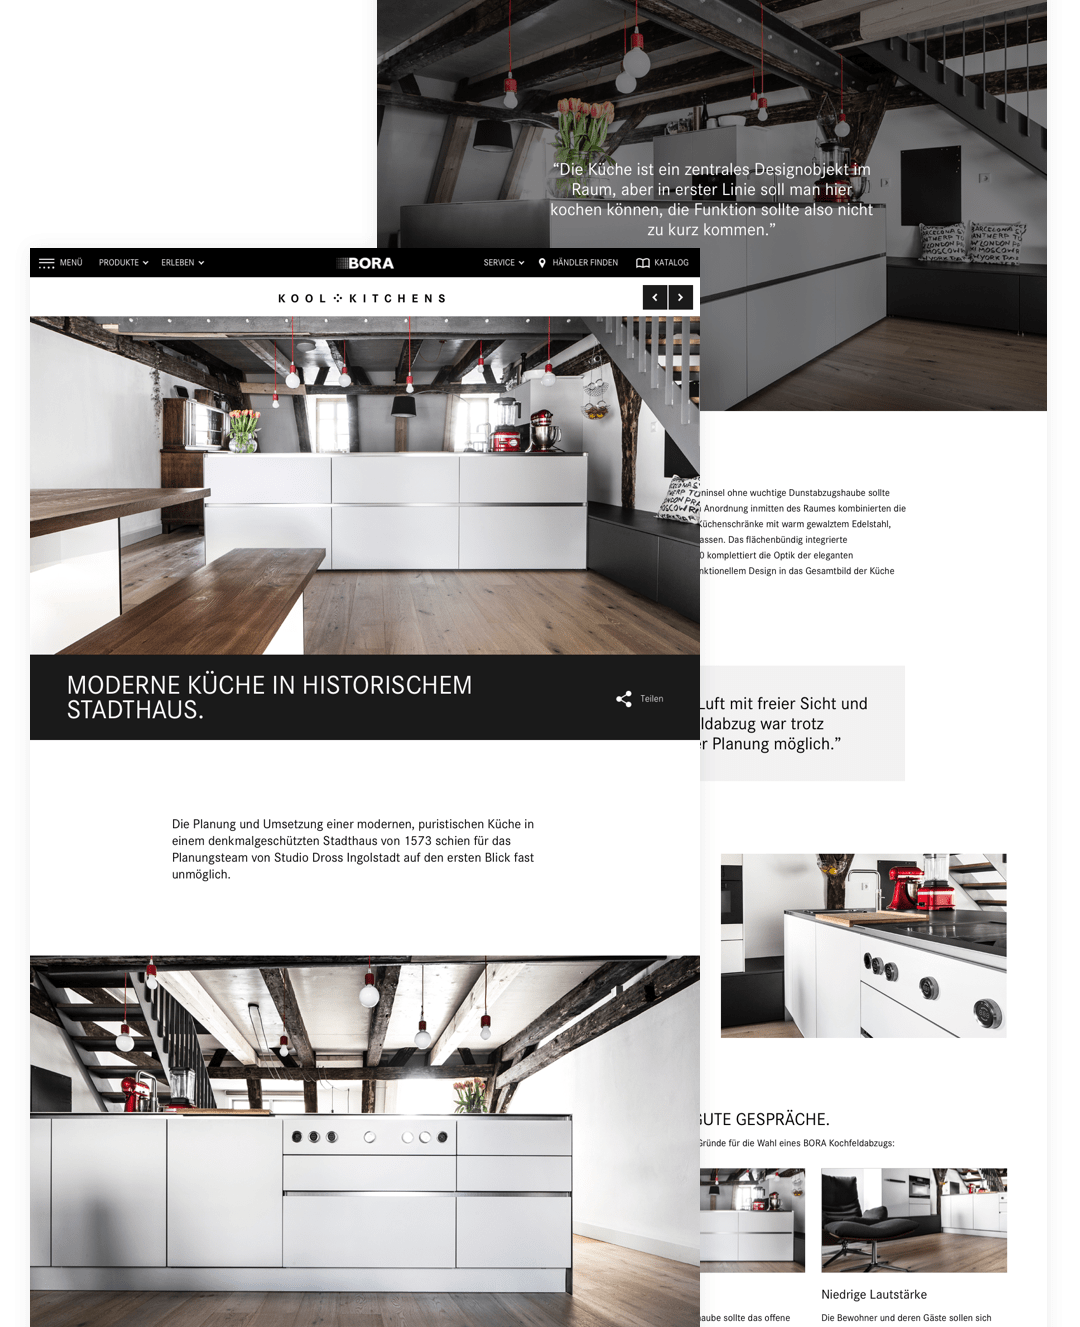 BORA Kool Kitchens Screens